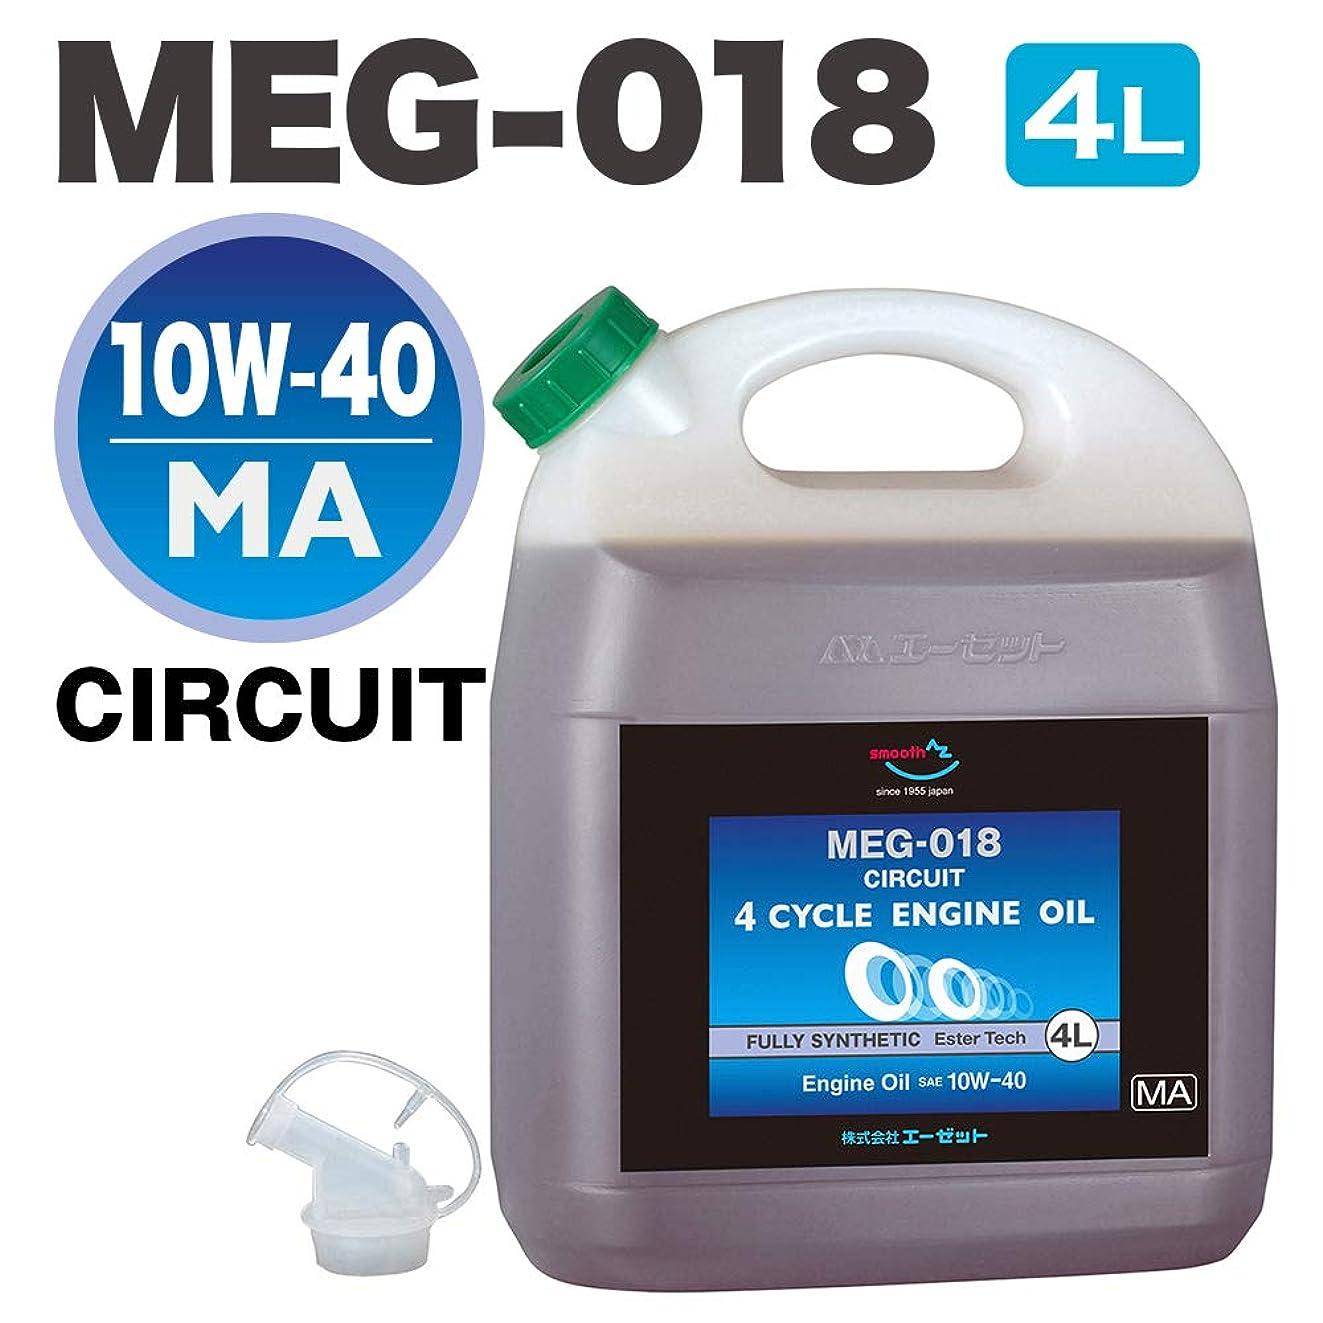 気配りのあるメンダシティ夜AZ(エーゼット) MEG-018 バイク用 4サイクルエンジンオイル【10W-40 MA2】4L CIRCUIT EsterTech 全合成油(EG234)